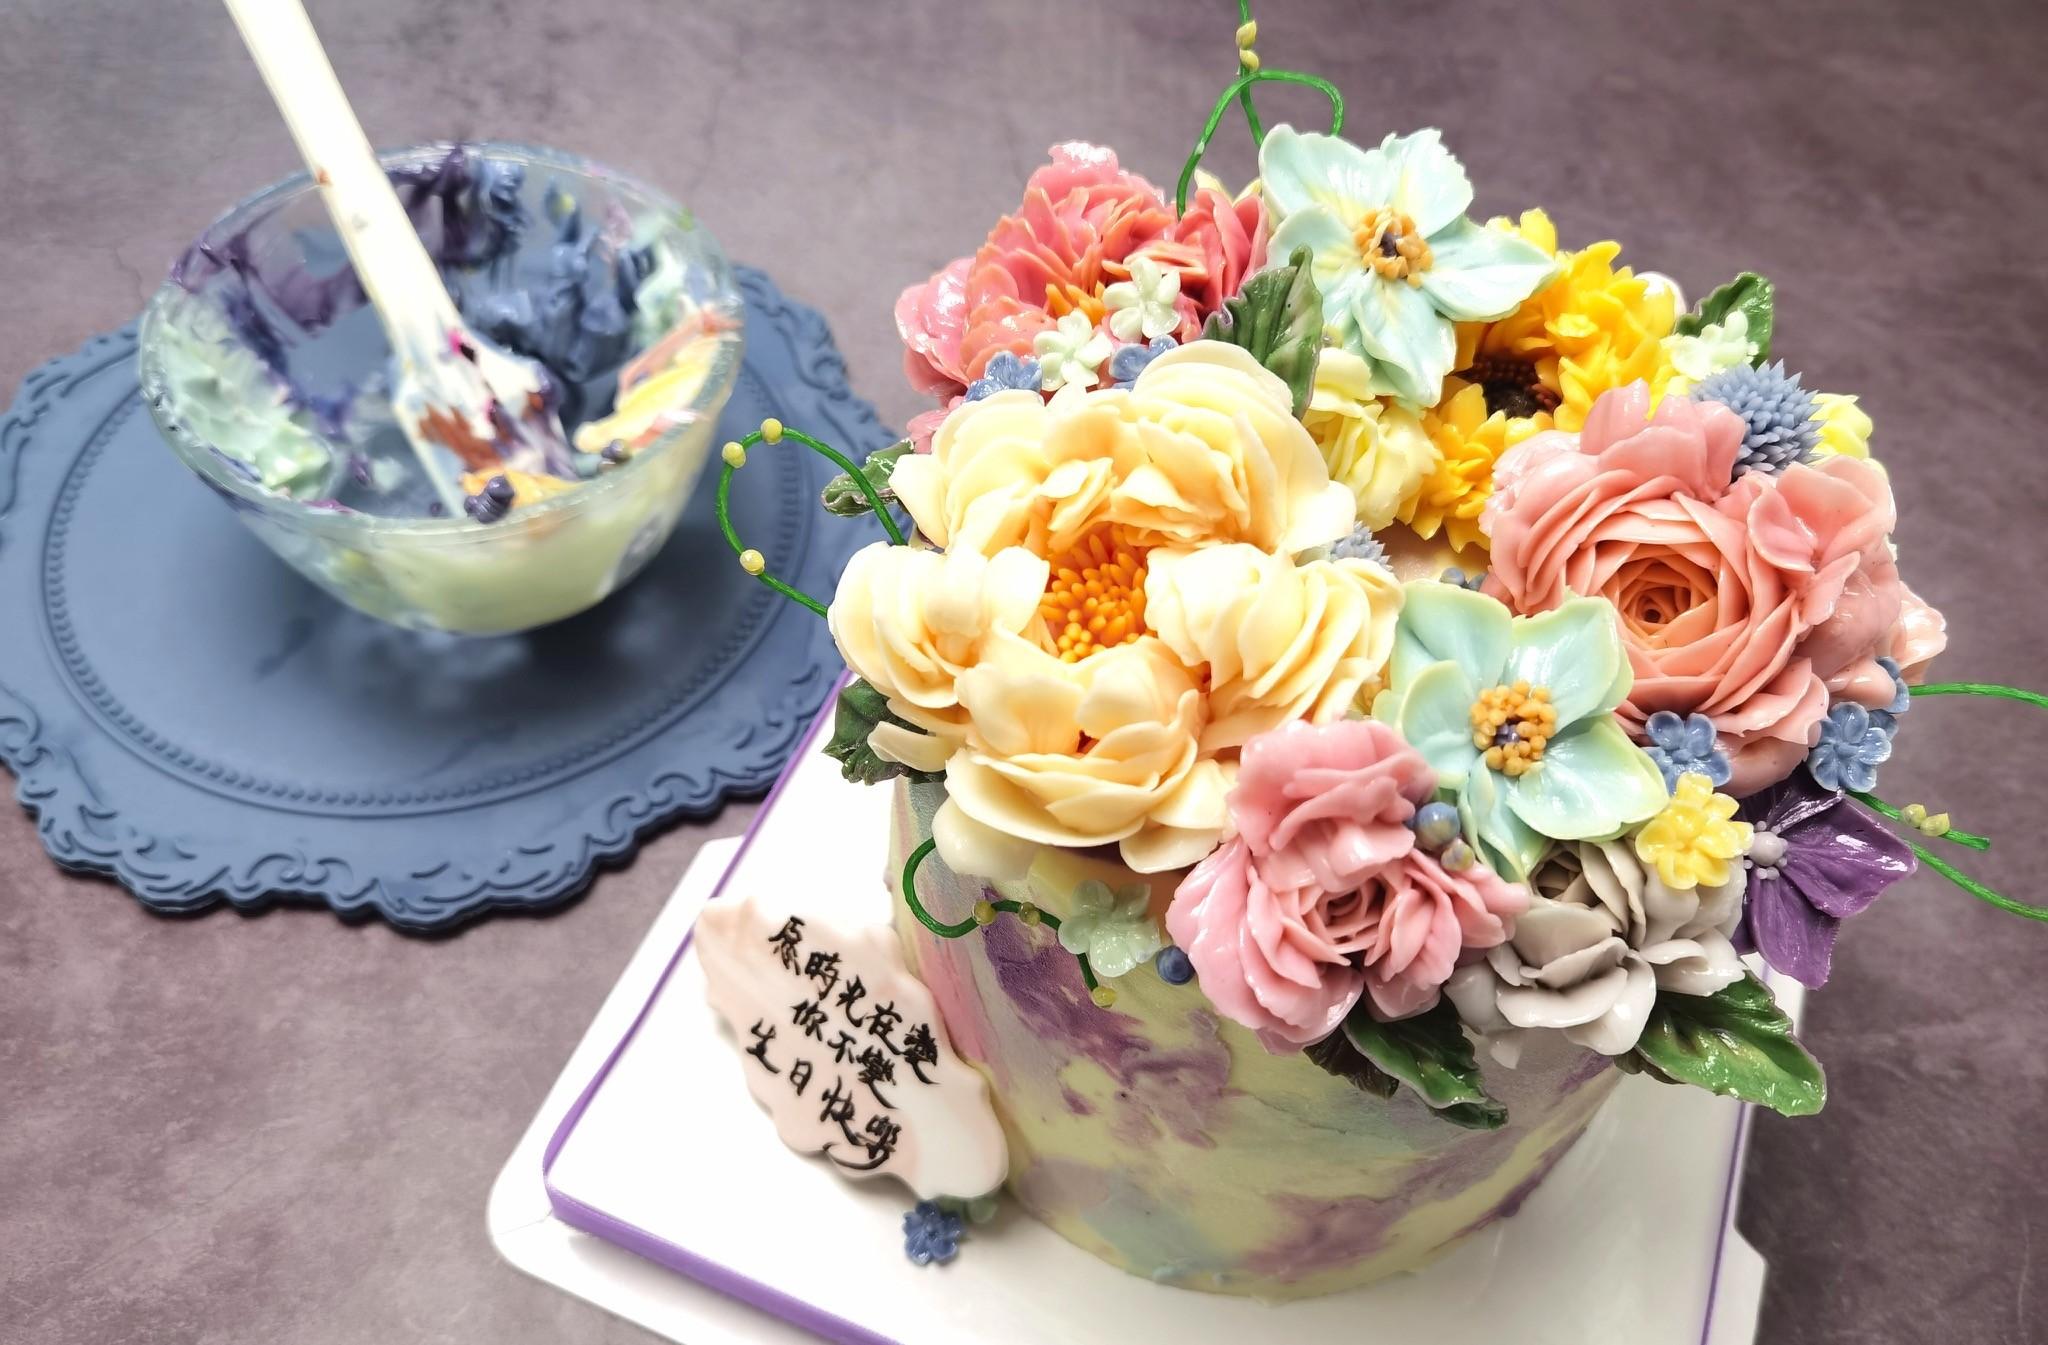 【企業診斷】興趣變事業 開兩店主打裱花蛋糕